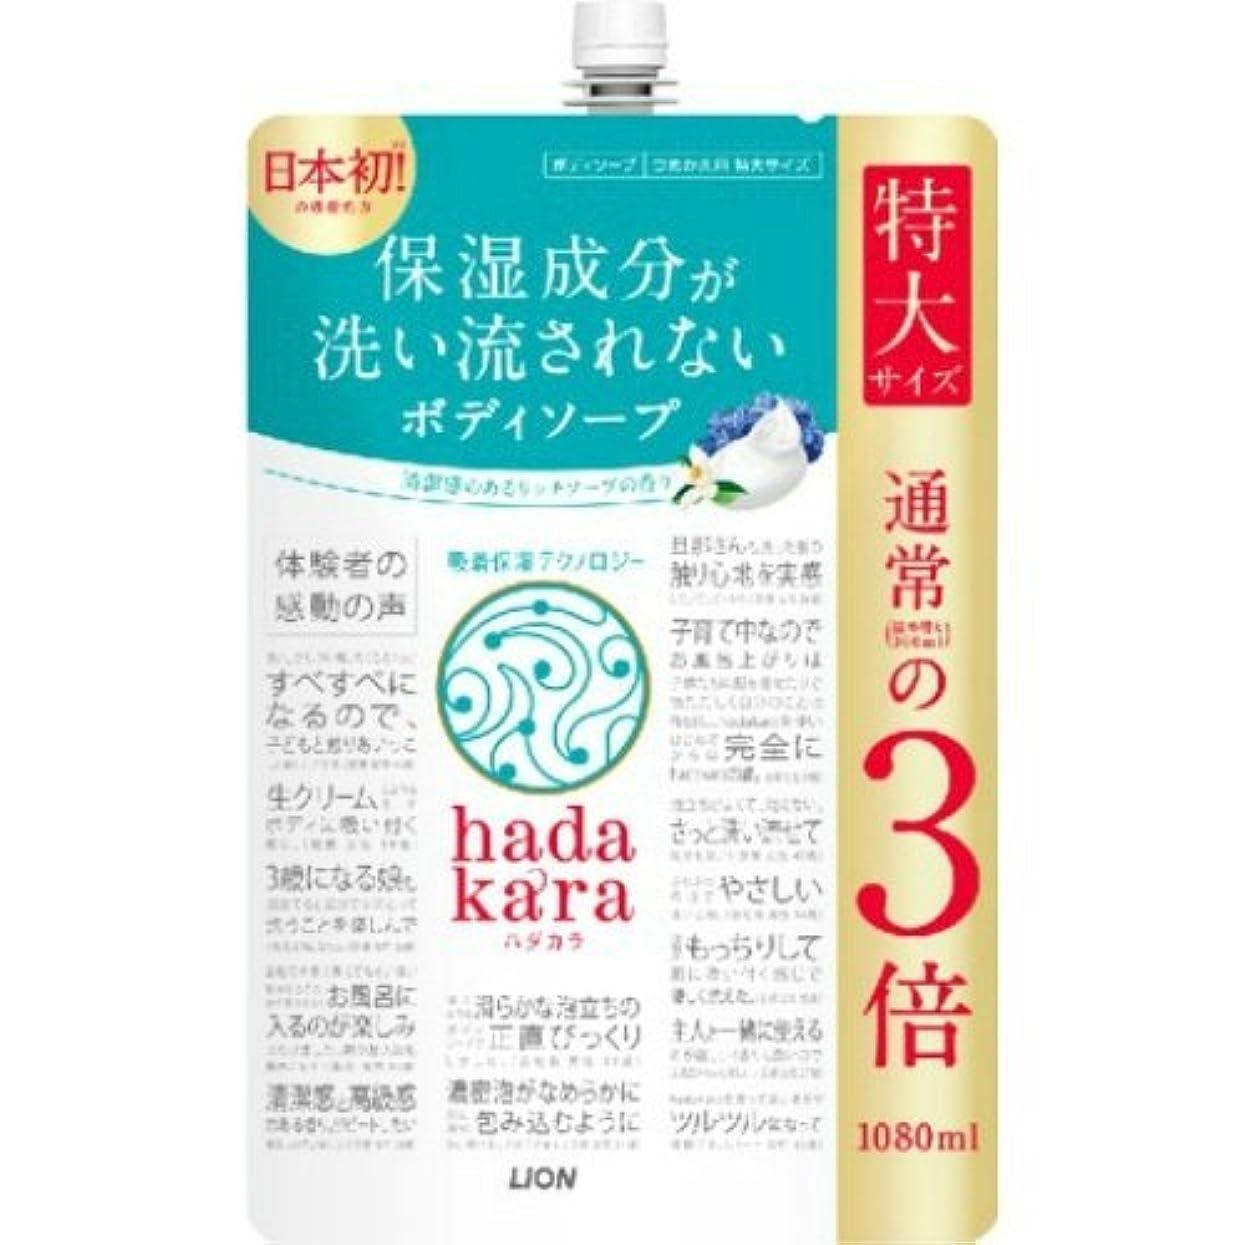 失速バスケットボール必需品LION ライオン hadakara ハダカラ ボディソープ リッチソープの香り つめかえ用 特大サイズ 1080ml ×3点セット(4903301260882)